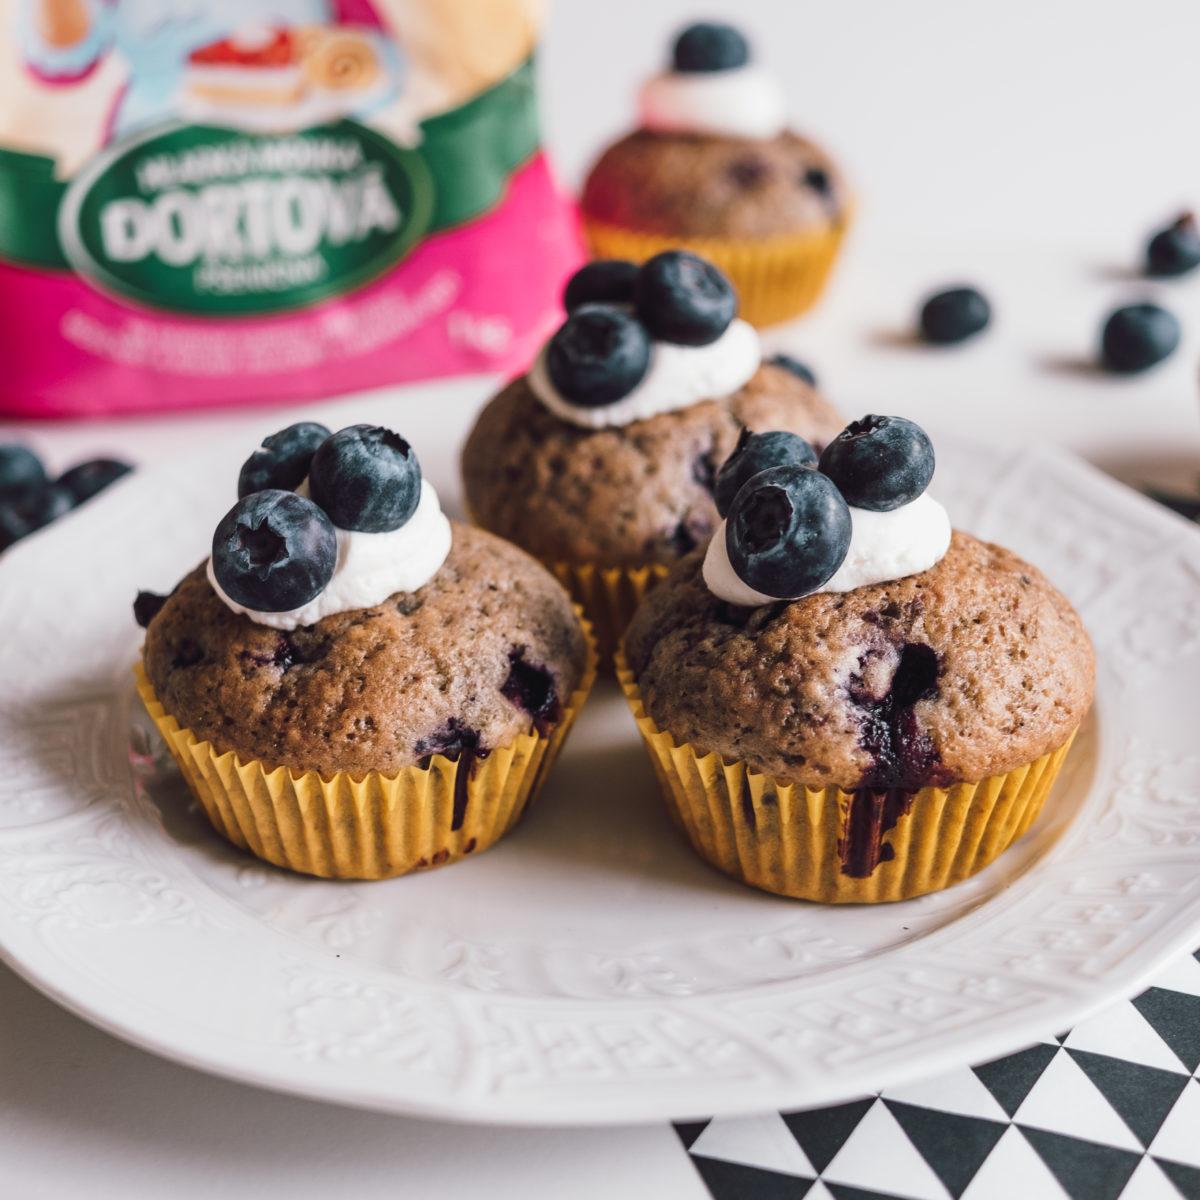 Muffiny sborůvkami